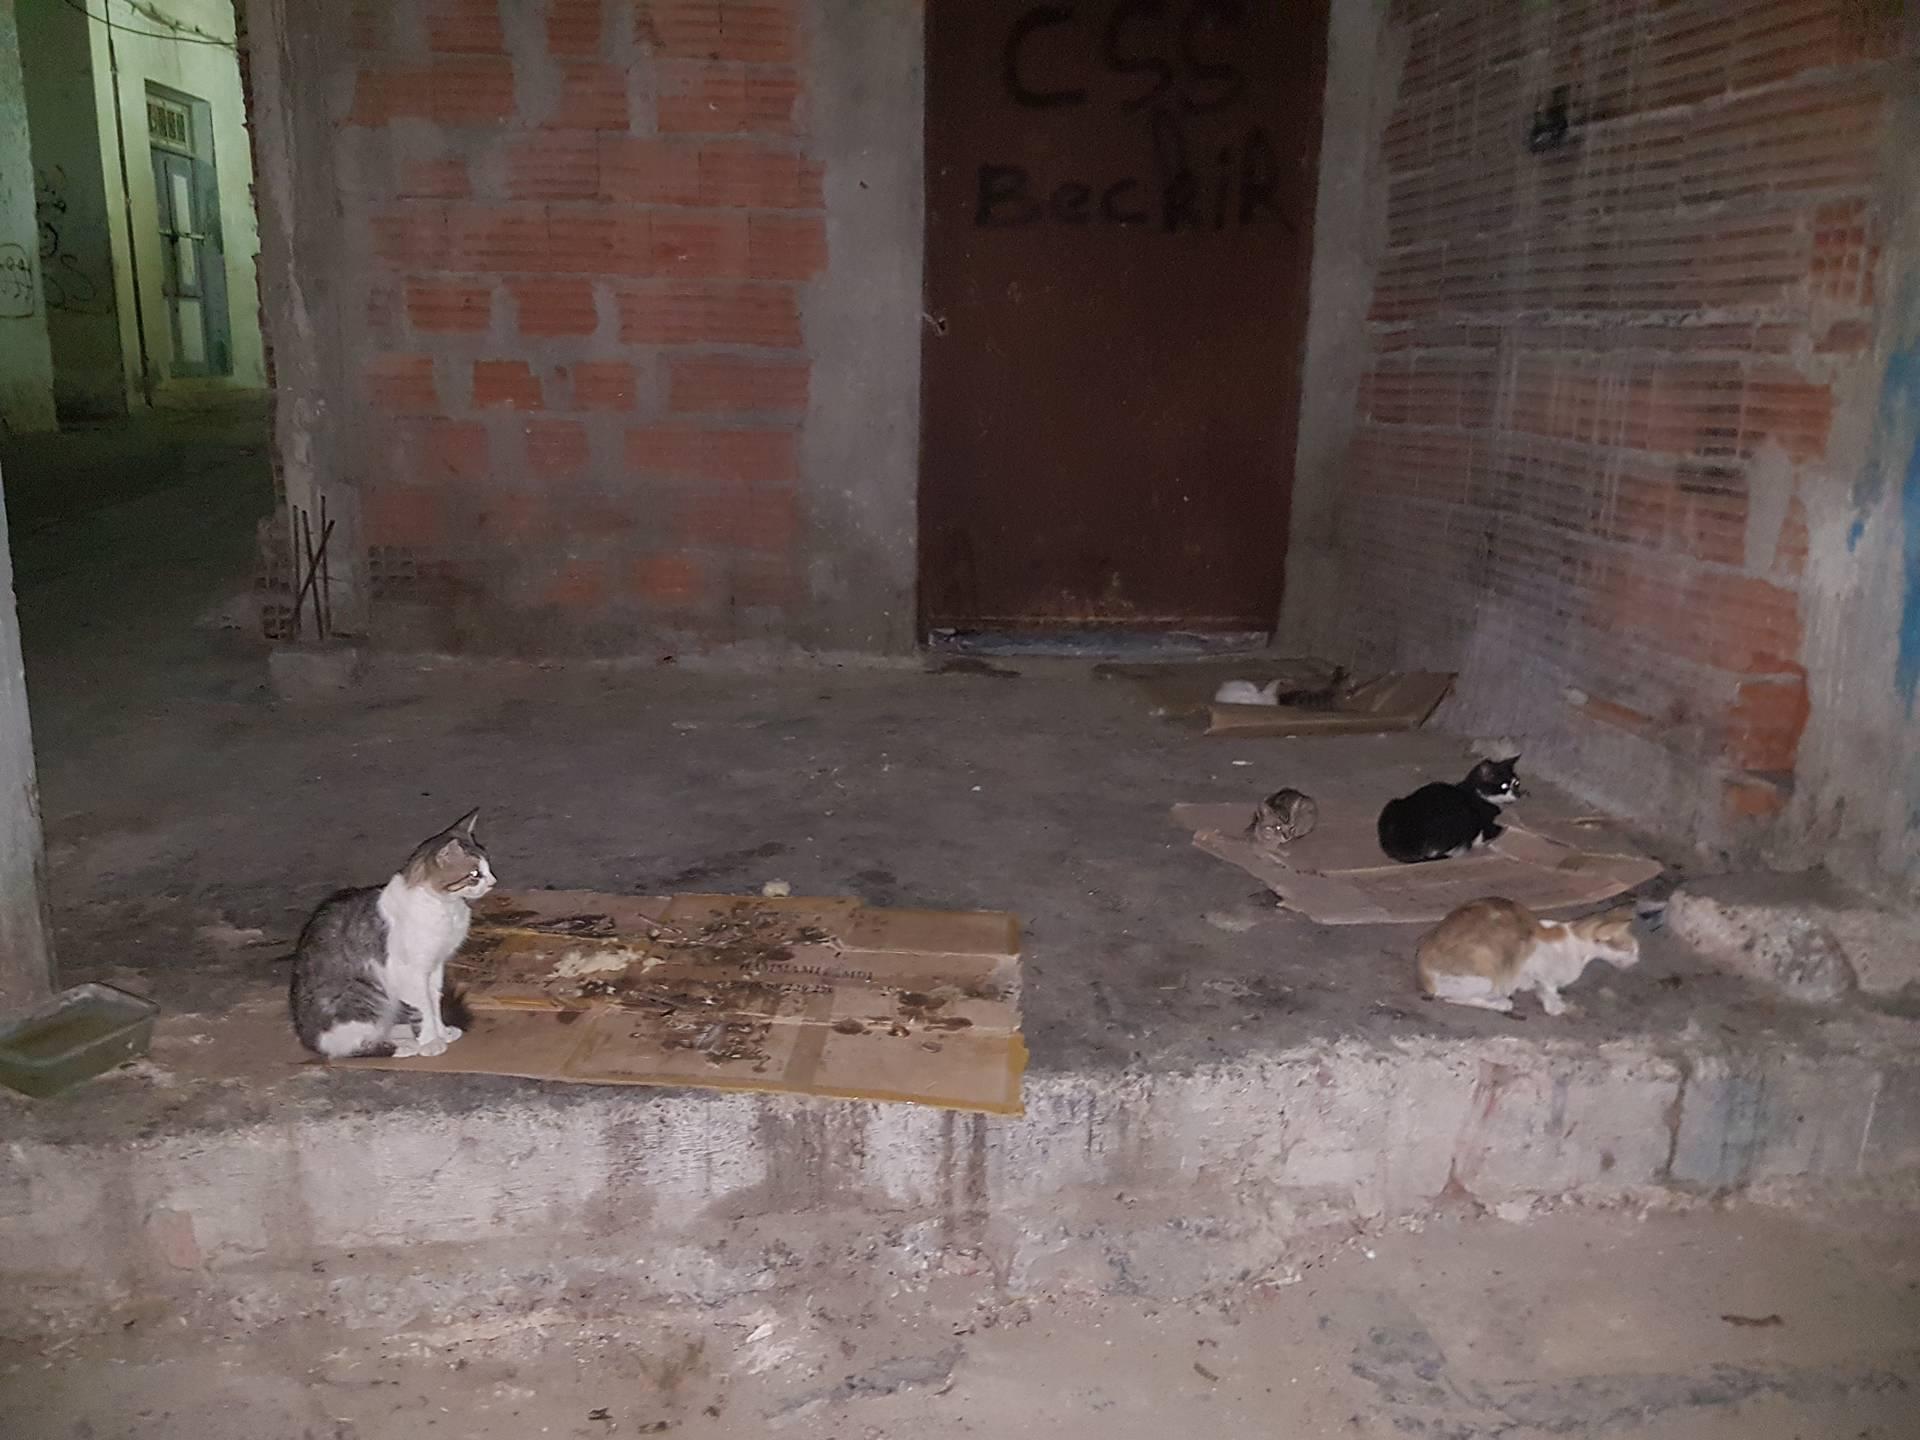 عدد من القطط في المدينة العتيقة بصفاقس